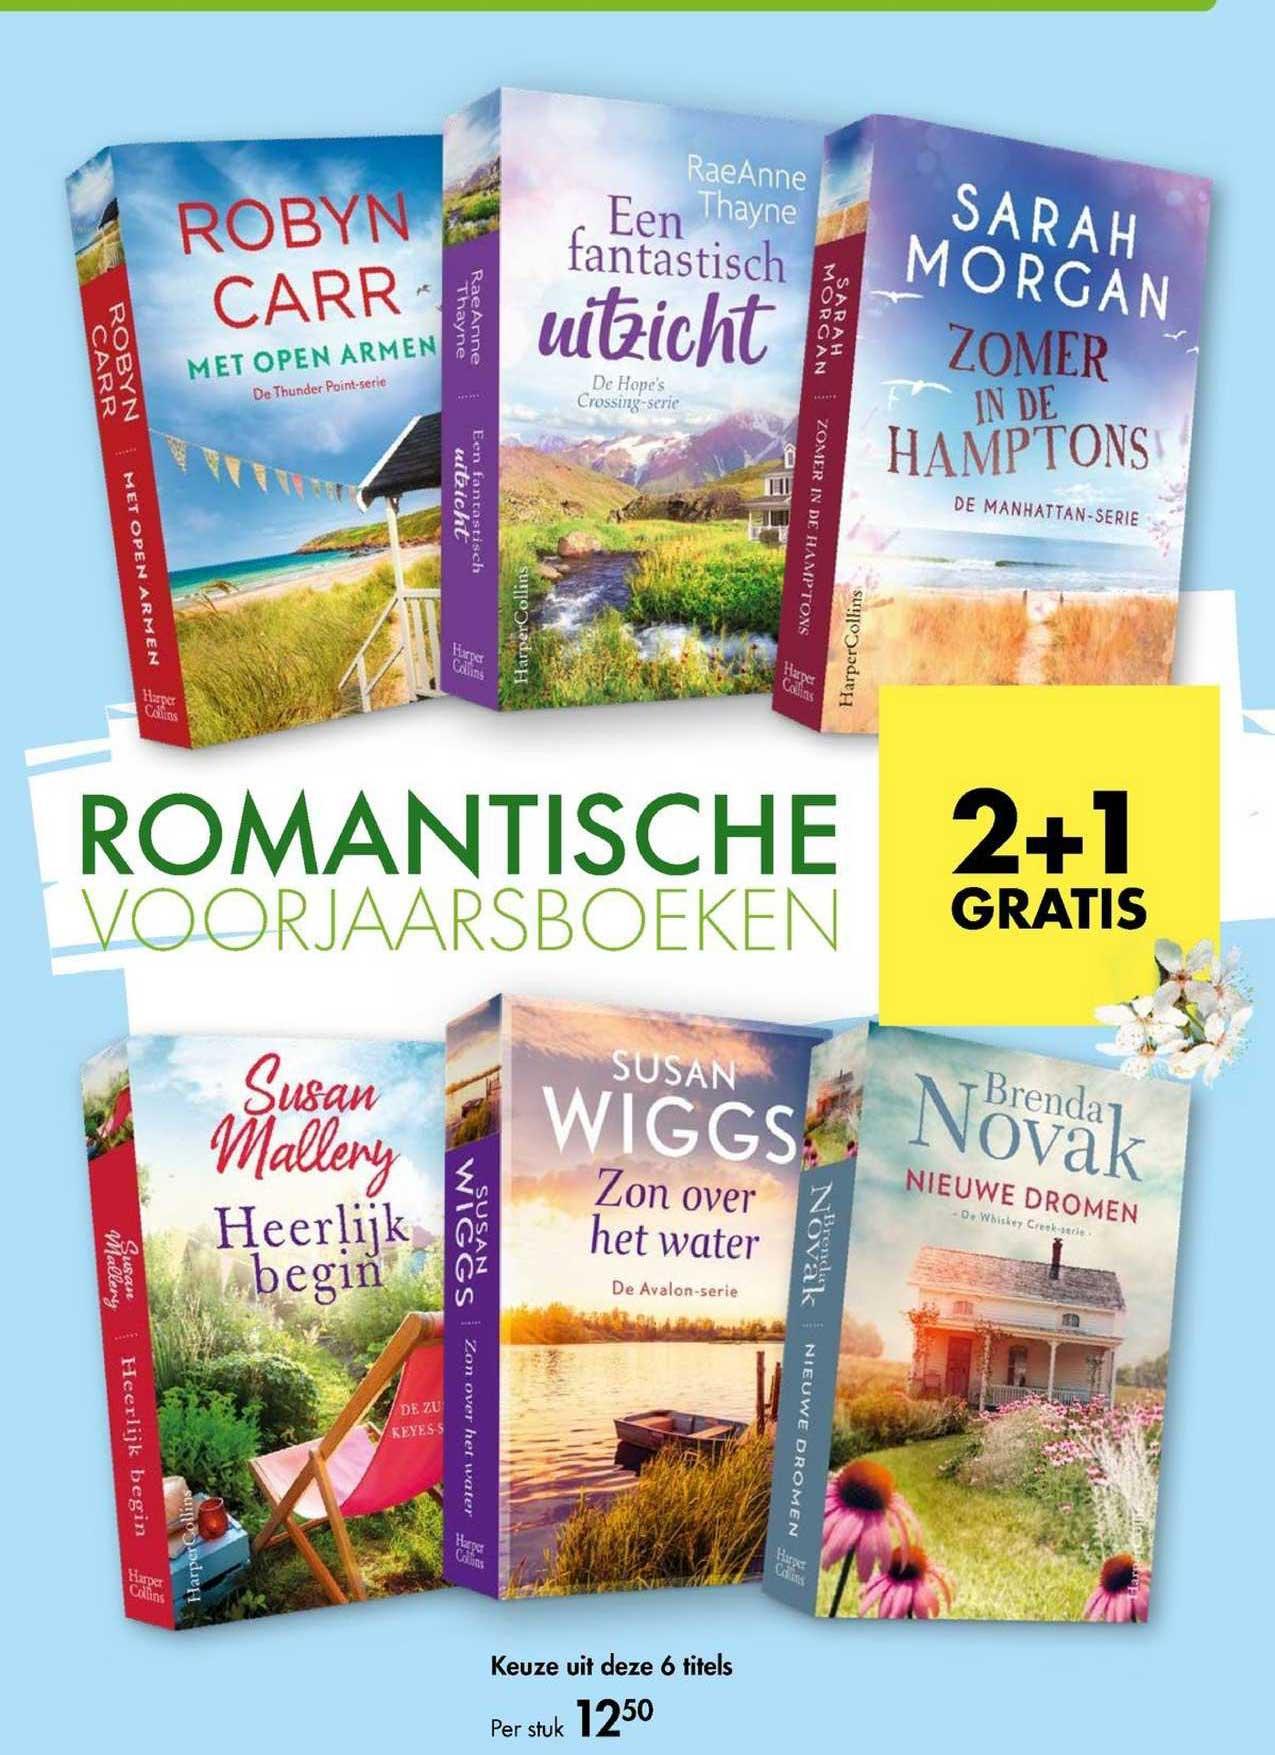 The Read Shop Romantische Voorjaarsboeken 2+1 Gratis